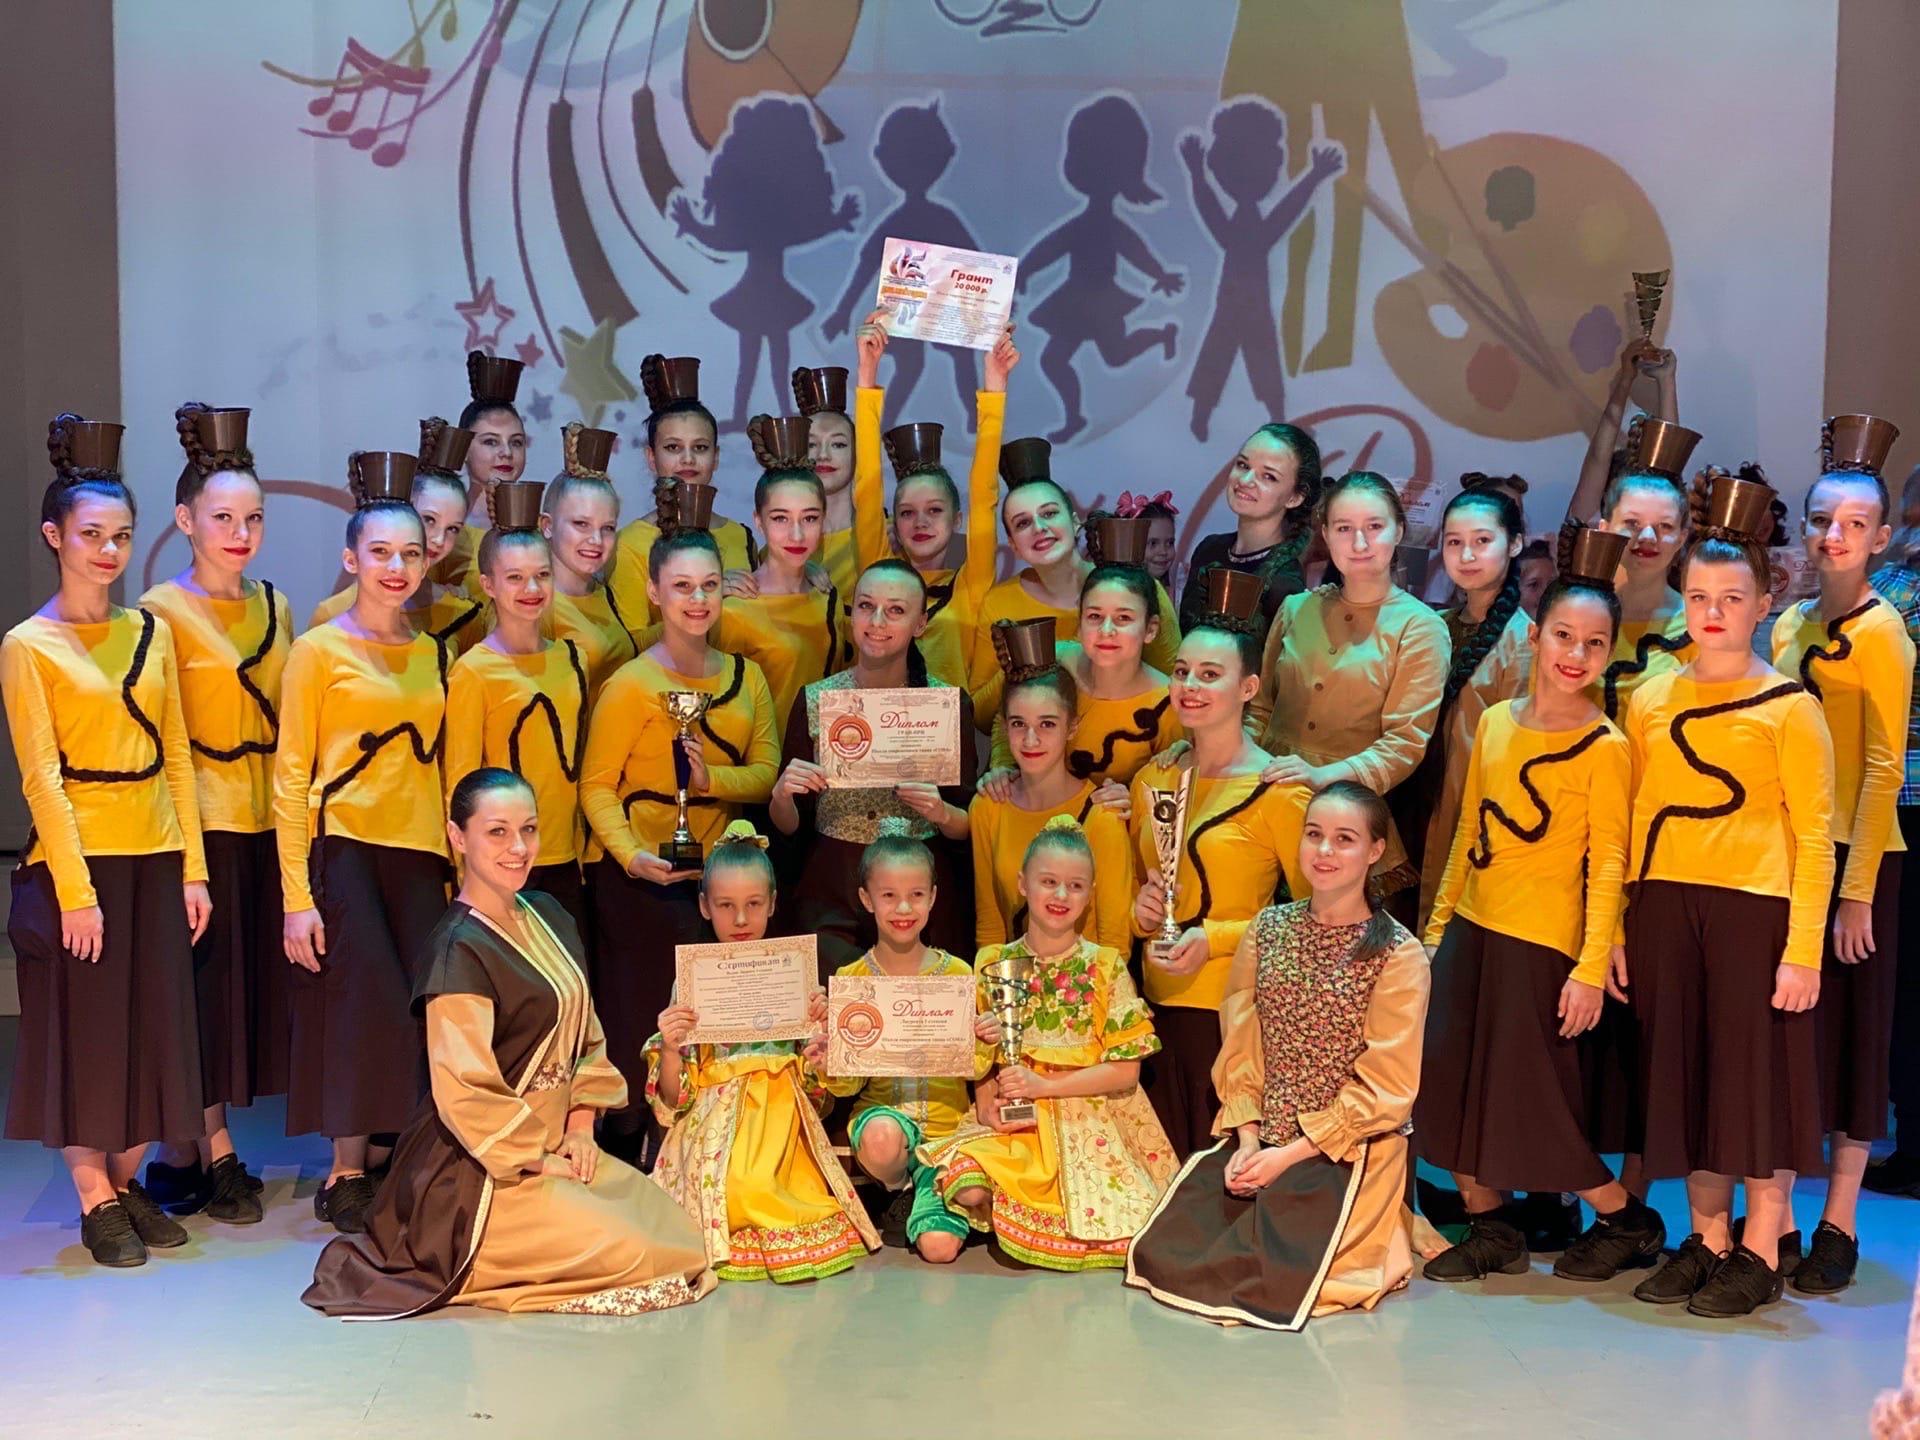 15 февраля в ДК «Экспресс» г. Оренбурга состоялся IV Международный конкурс-фестиваль «Ярче солнца таланты блистают».